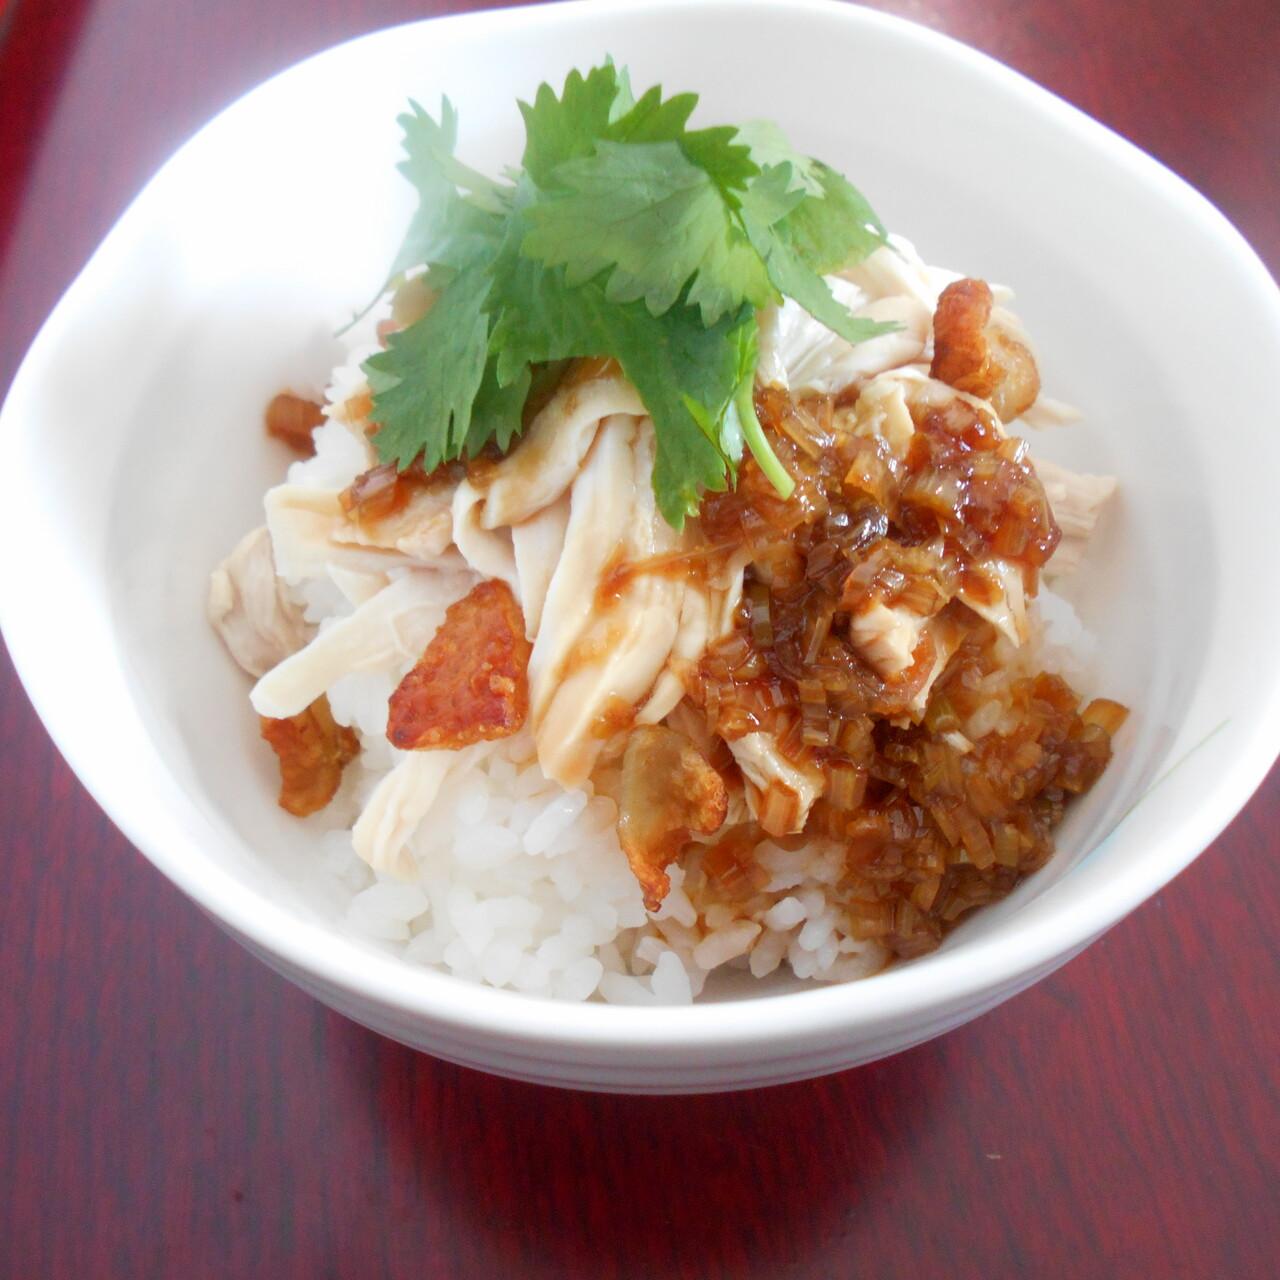 【台湾ごはん】 鶏肉飯(ジーロウファン)